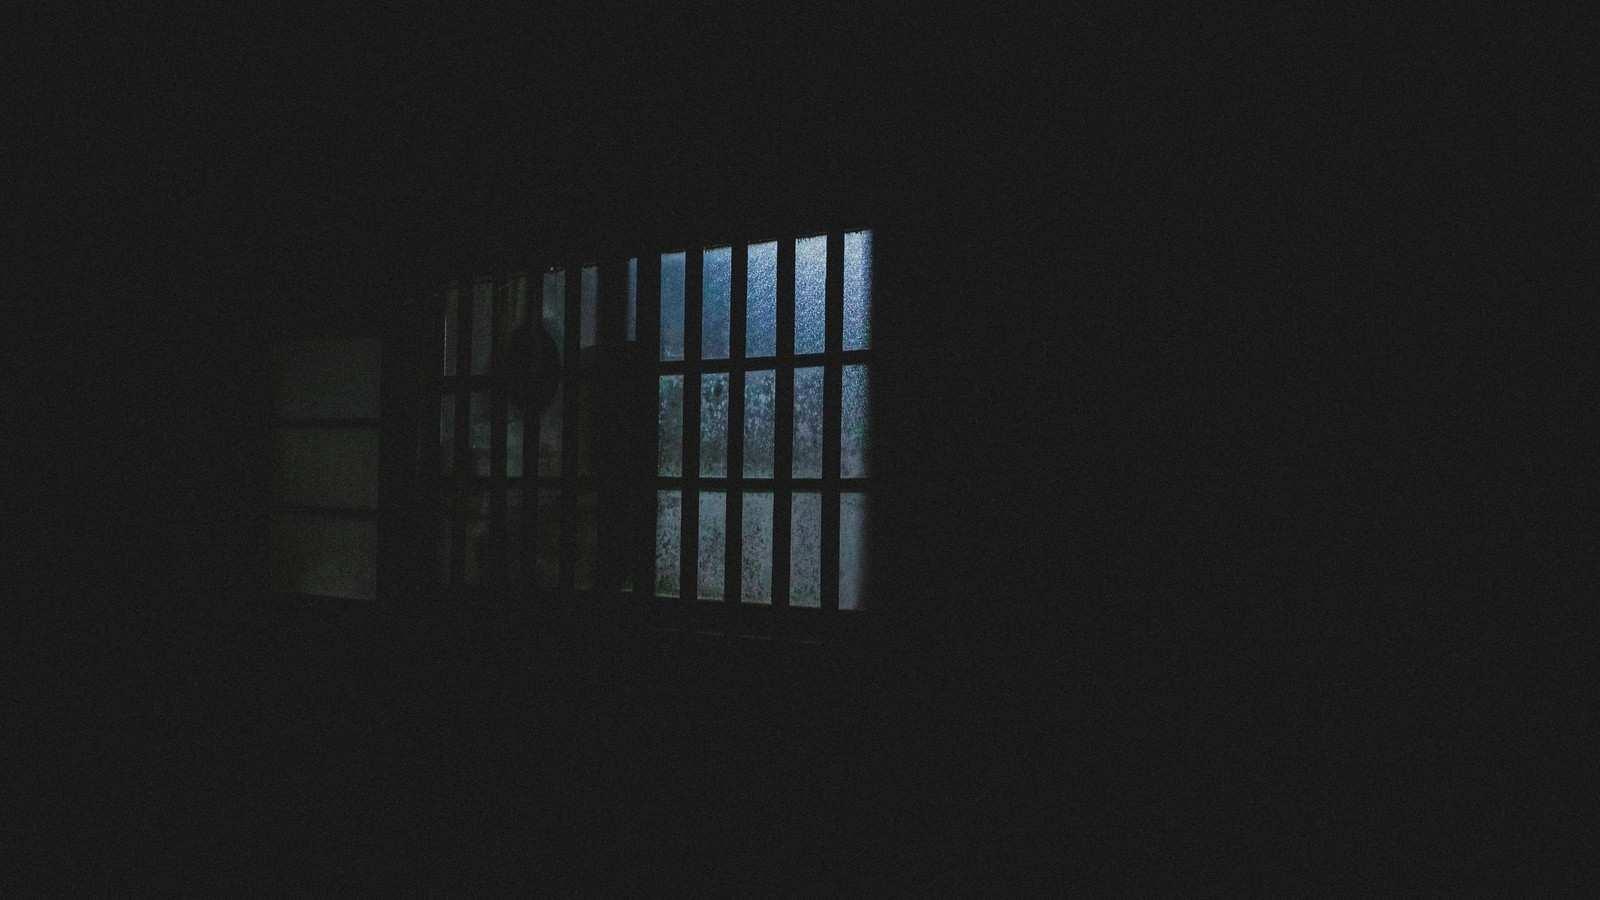 『覗いてくる隣人』|【狂気】人間の本当にあった怖い話